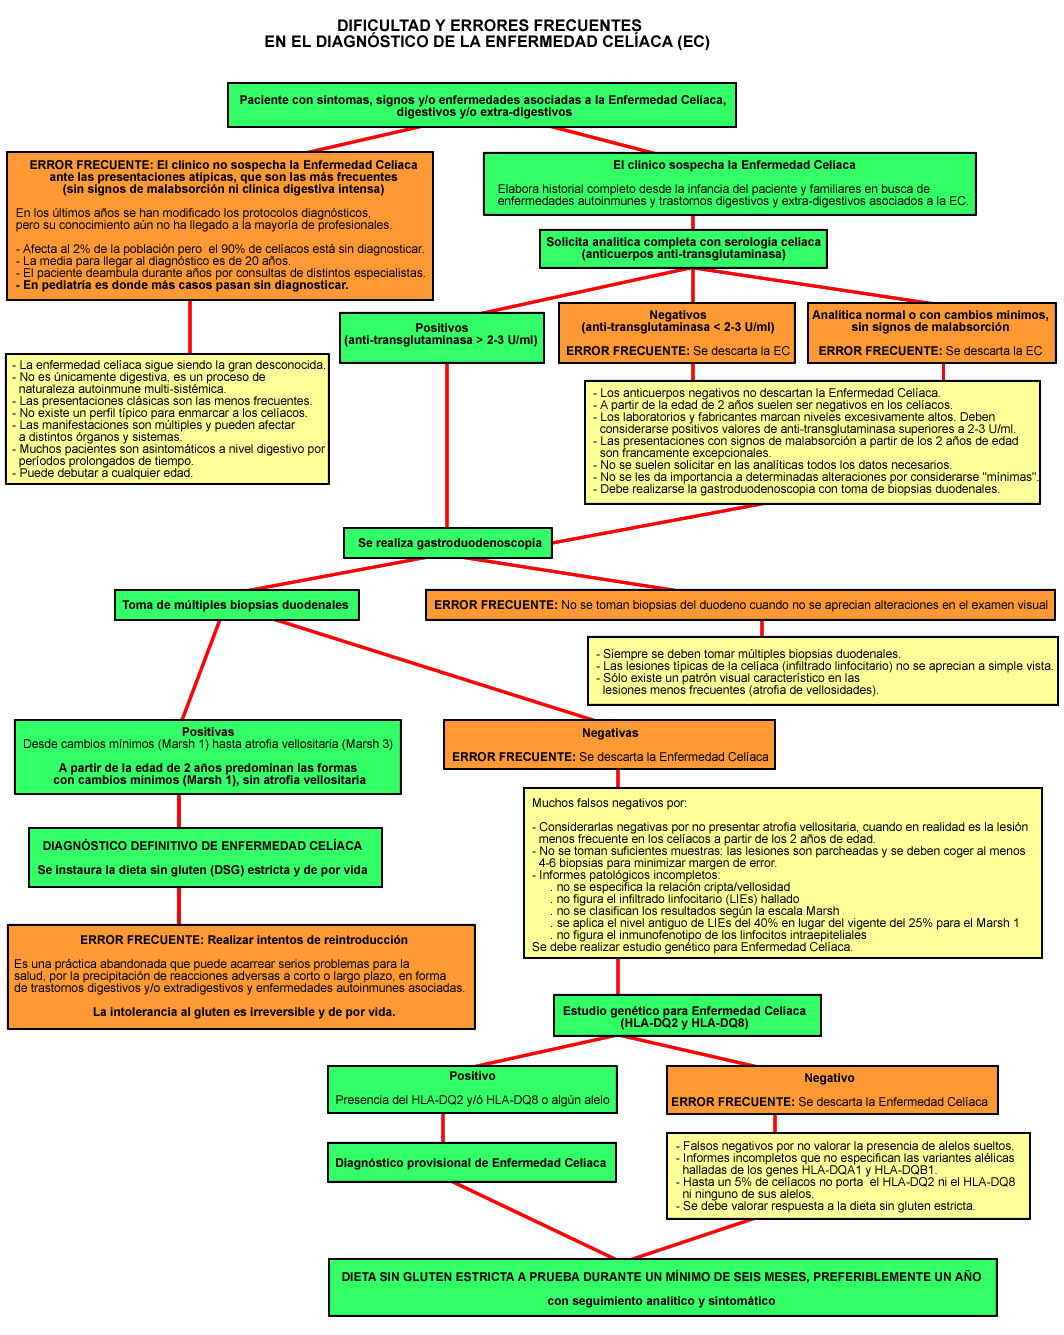 Archivo:Enfermedad Celíaca - Diagrama errores diagnósticos ...